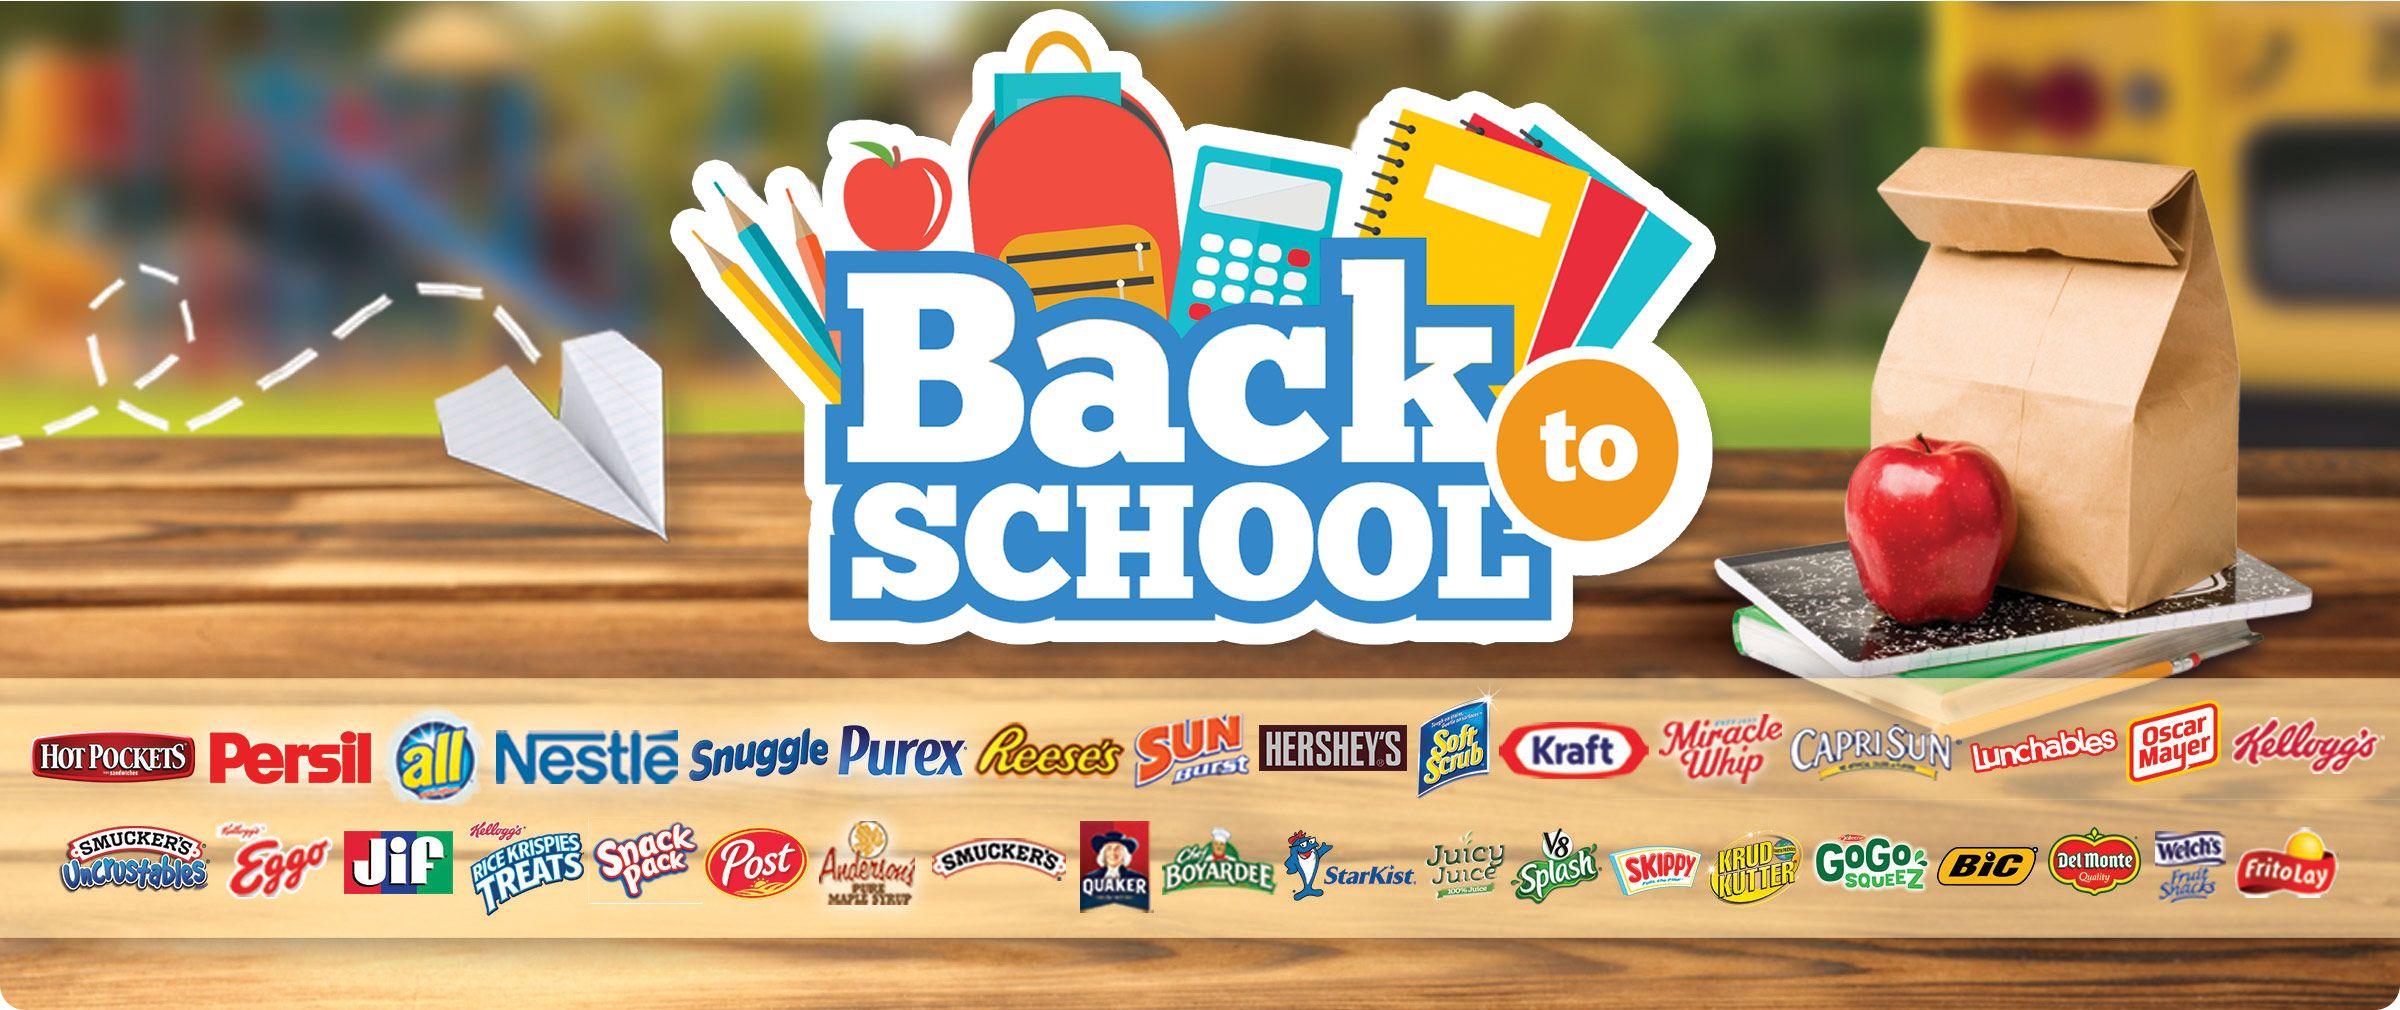 BackToSchool-webslider-JSF